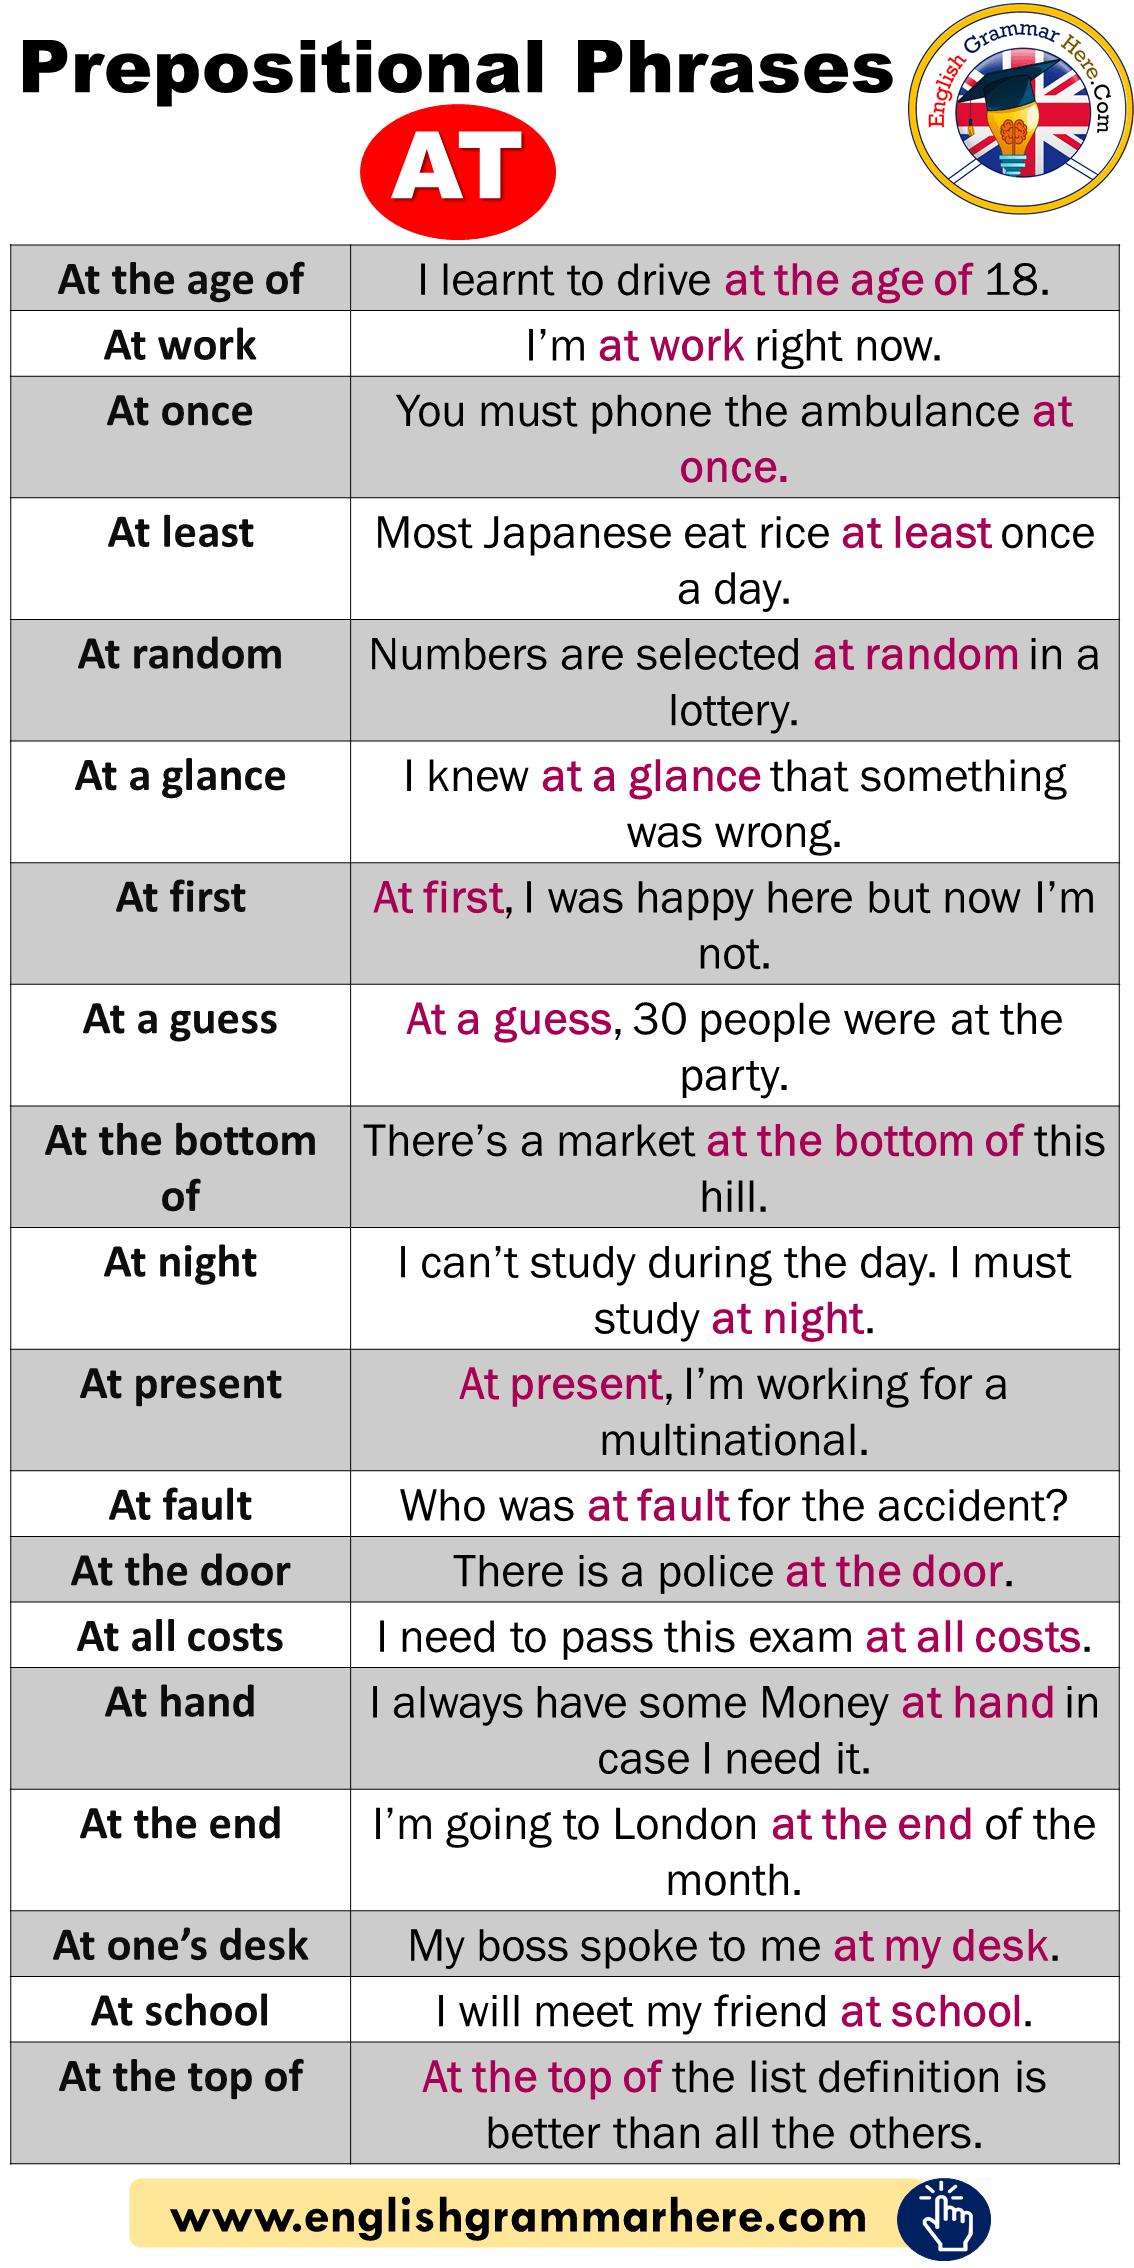 Prepositional Phrases At Example Sentences Goruntuler